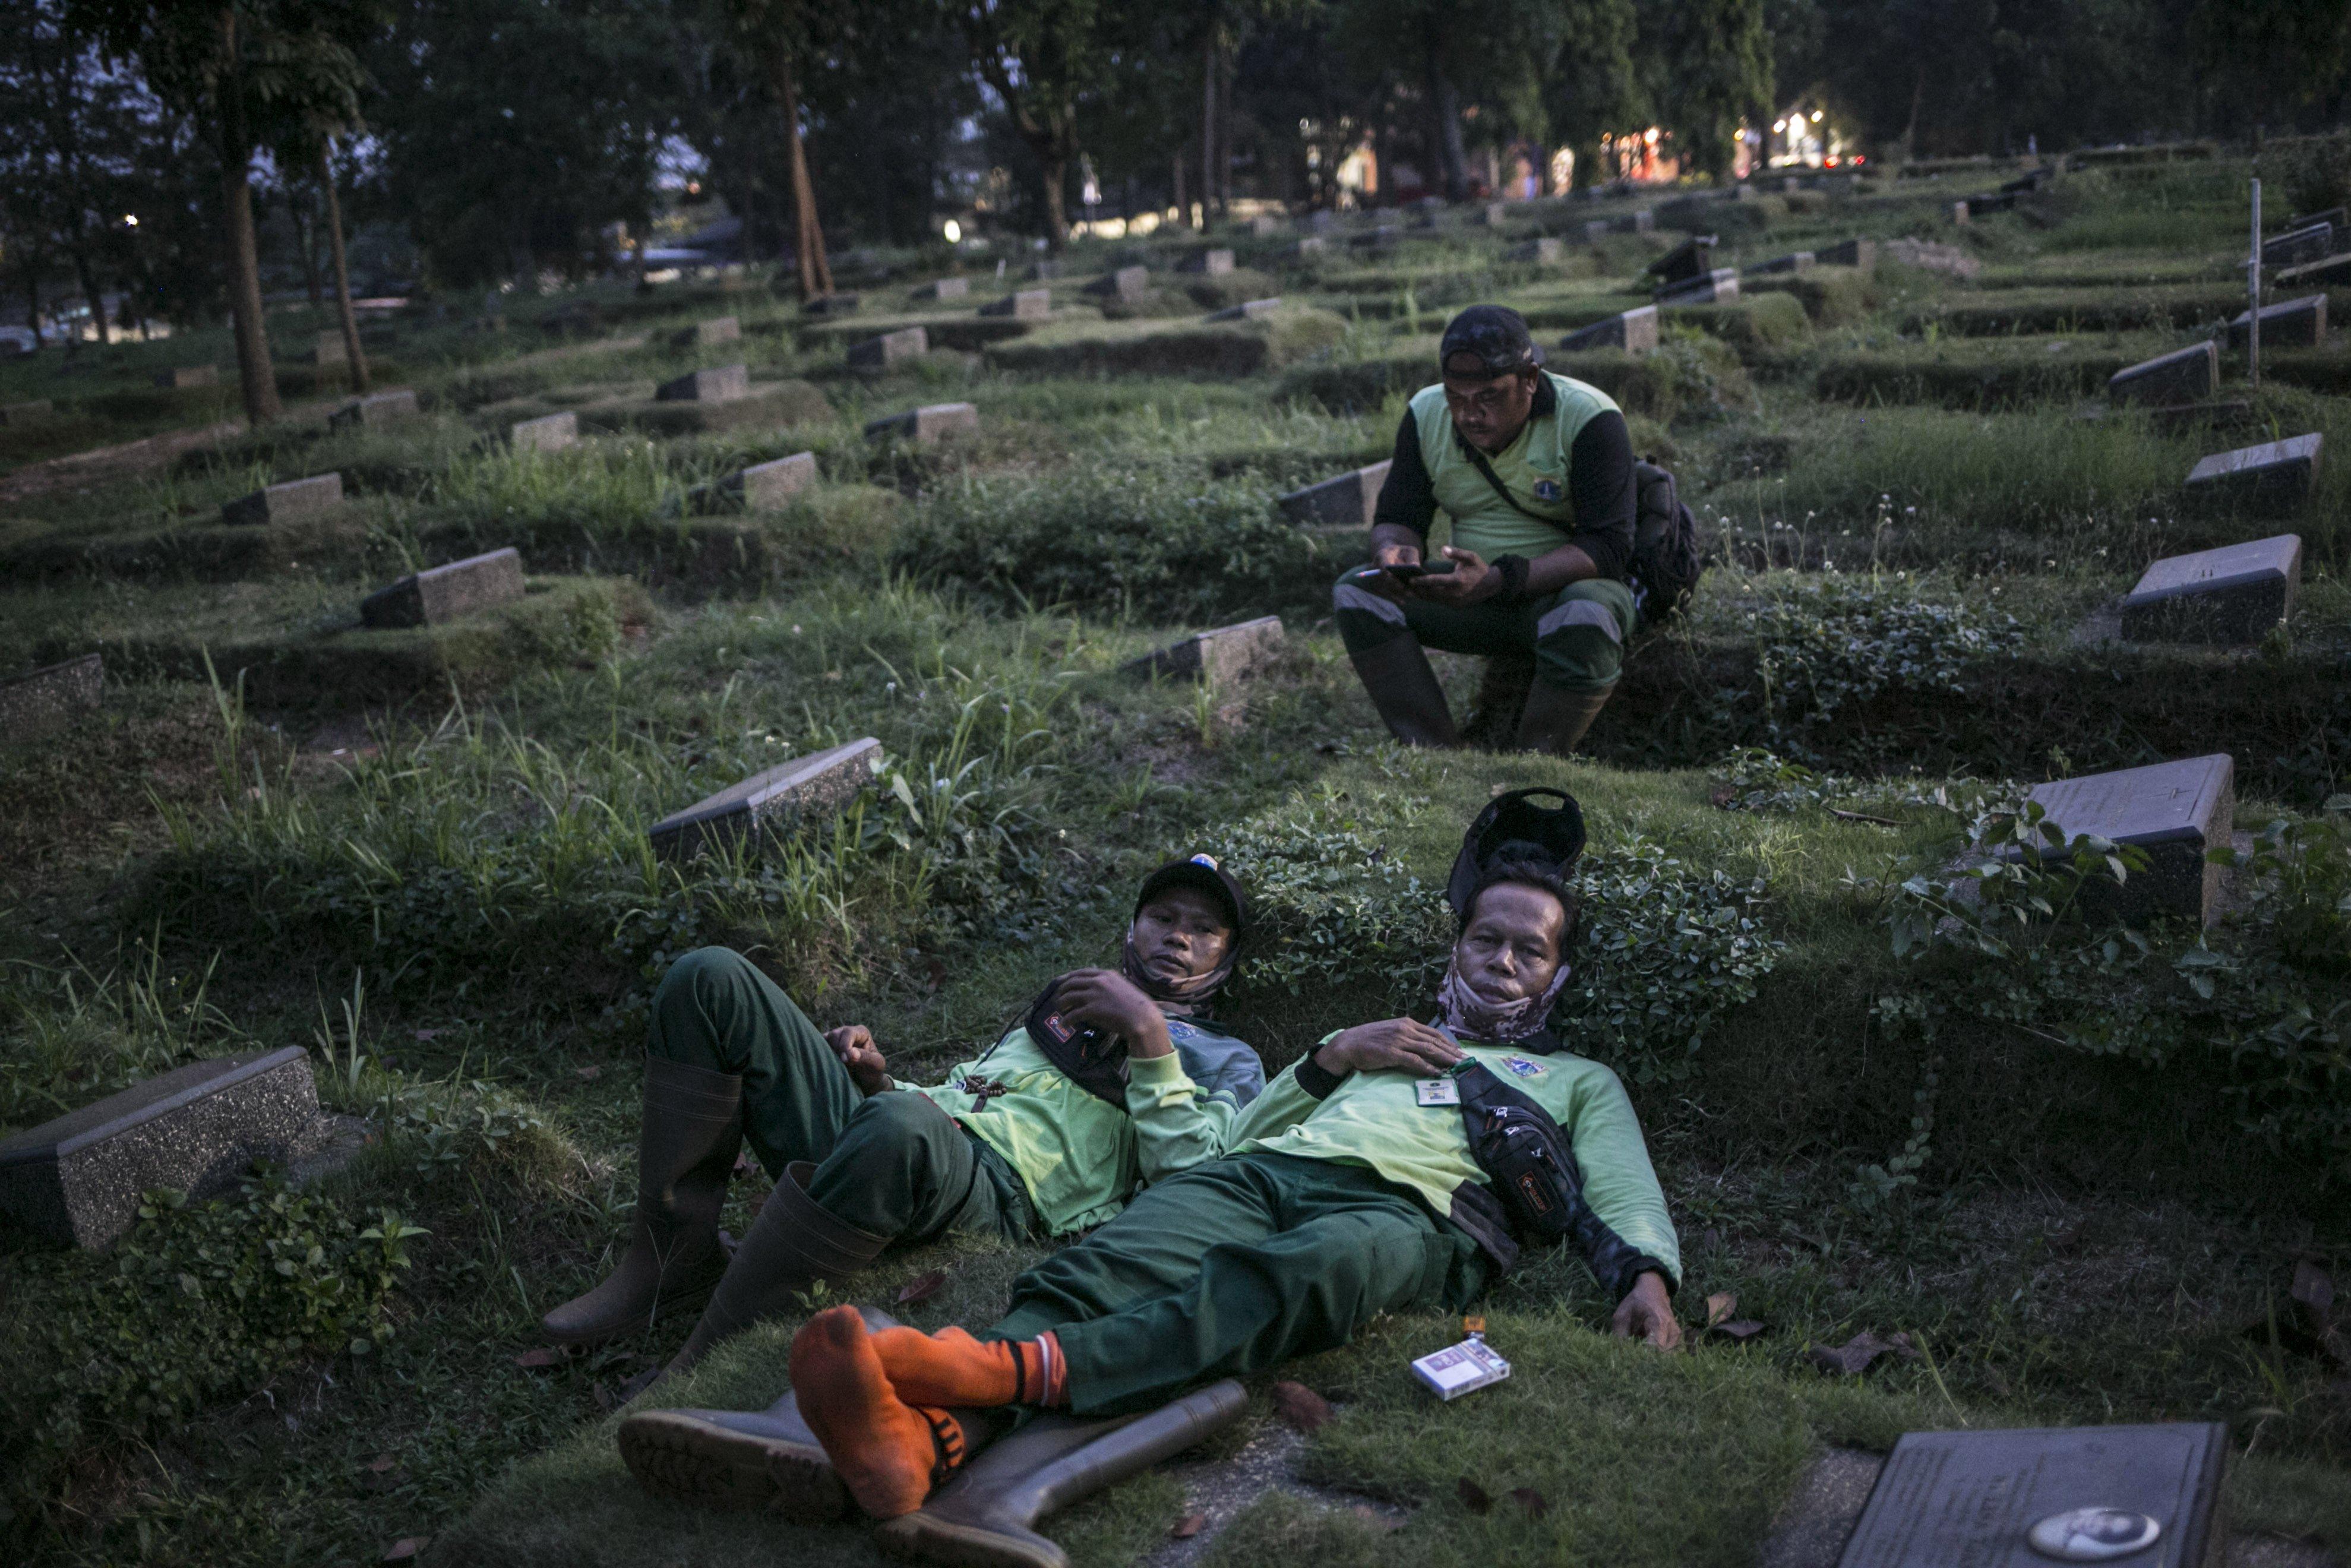 Petugas beristirahat disekitar pusara seusai memakamkan jenazah pasien covid-19 di TPU Pondok Rangon, Jakarta, Kamis (16/7/2020).